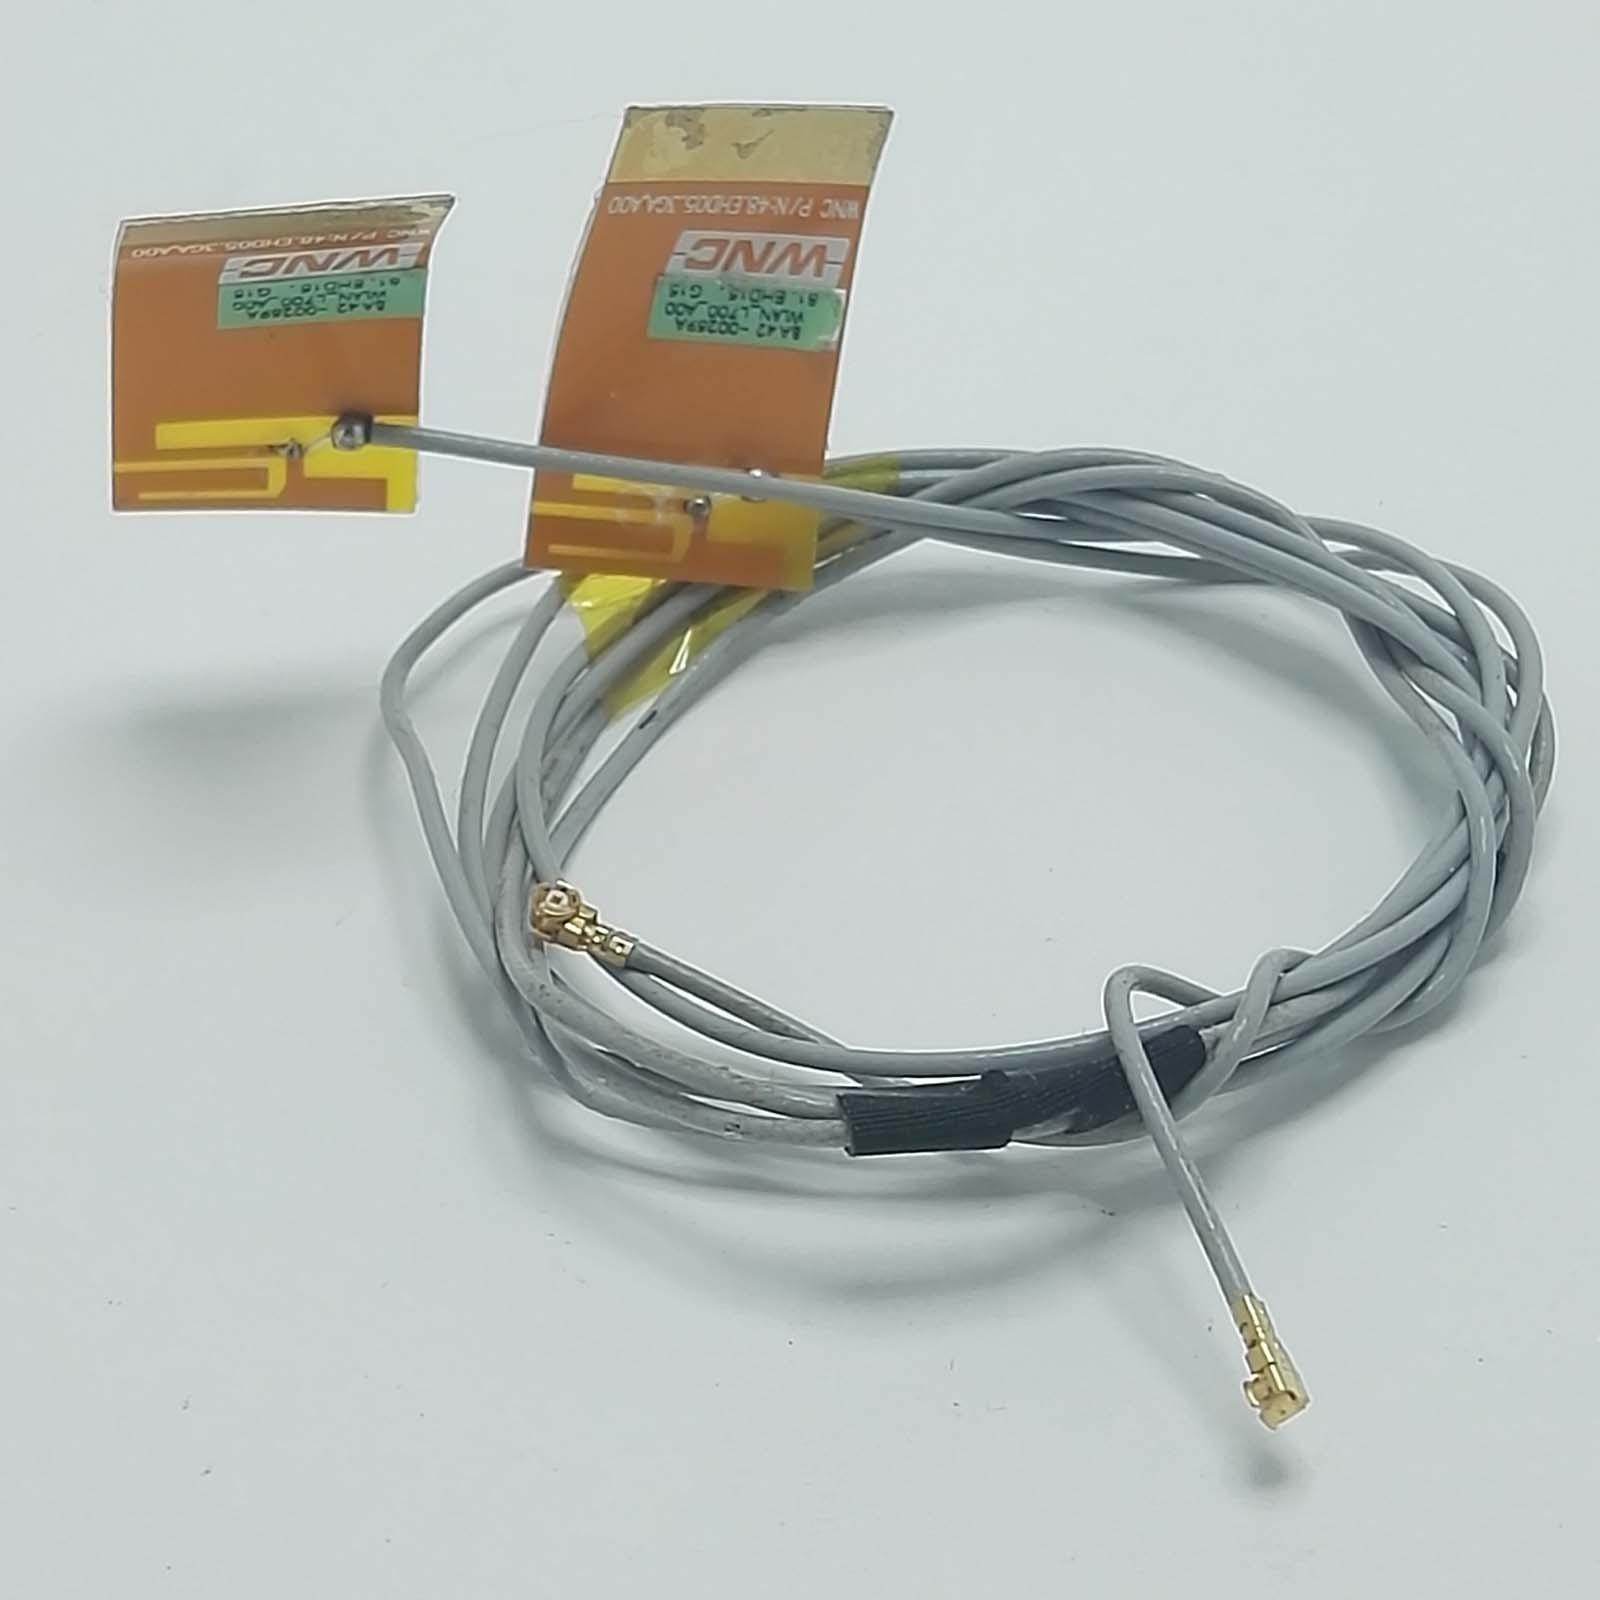 Antenne antenna WiFi Wireless Samsung N150 NP-N150 48.EHD05.3GA.A00